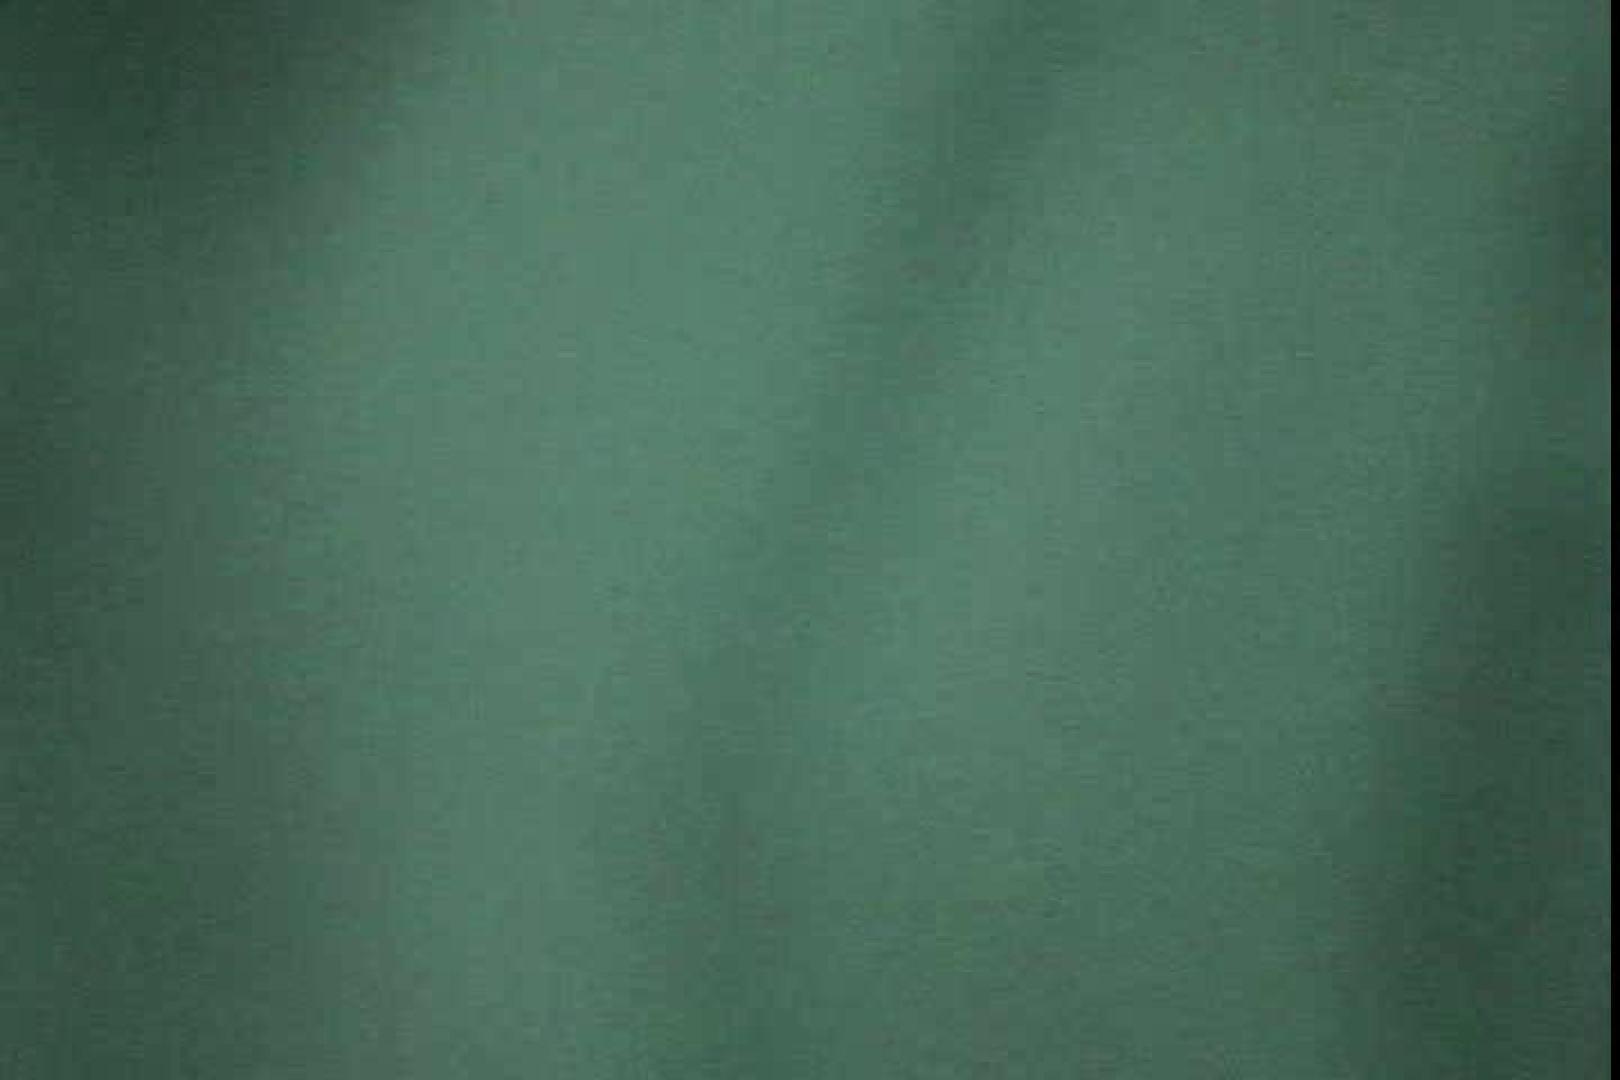 赤外線ムレスケバレー(汗) vol.07 アスリート | 赤外線  81枚 76